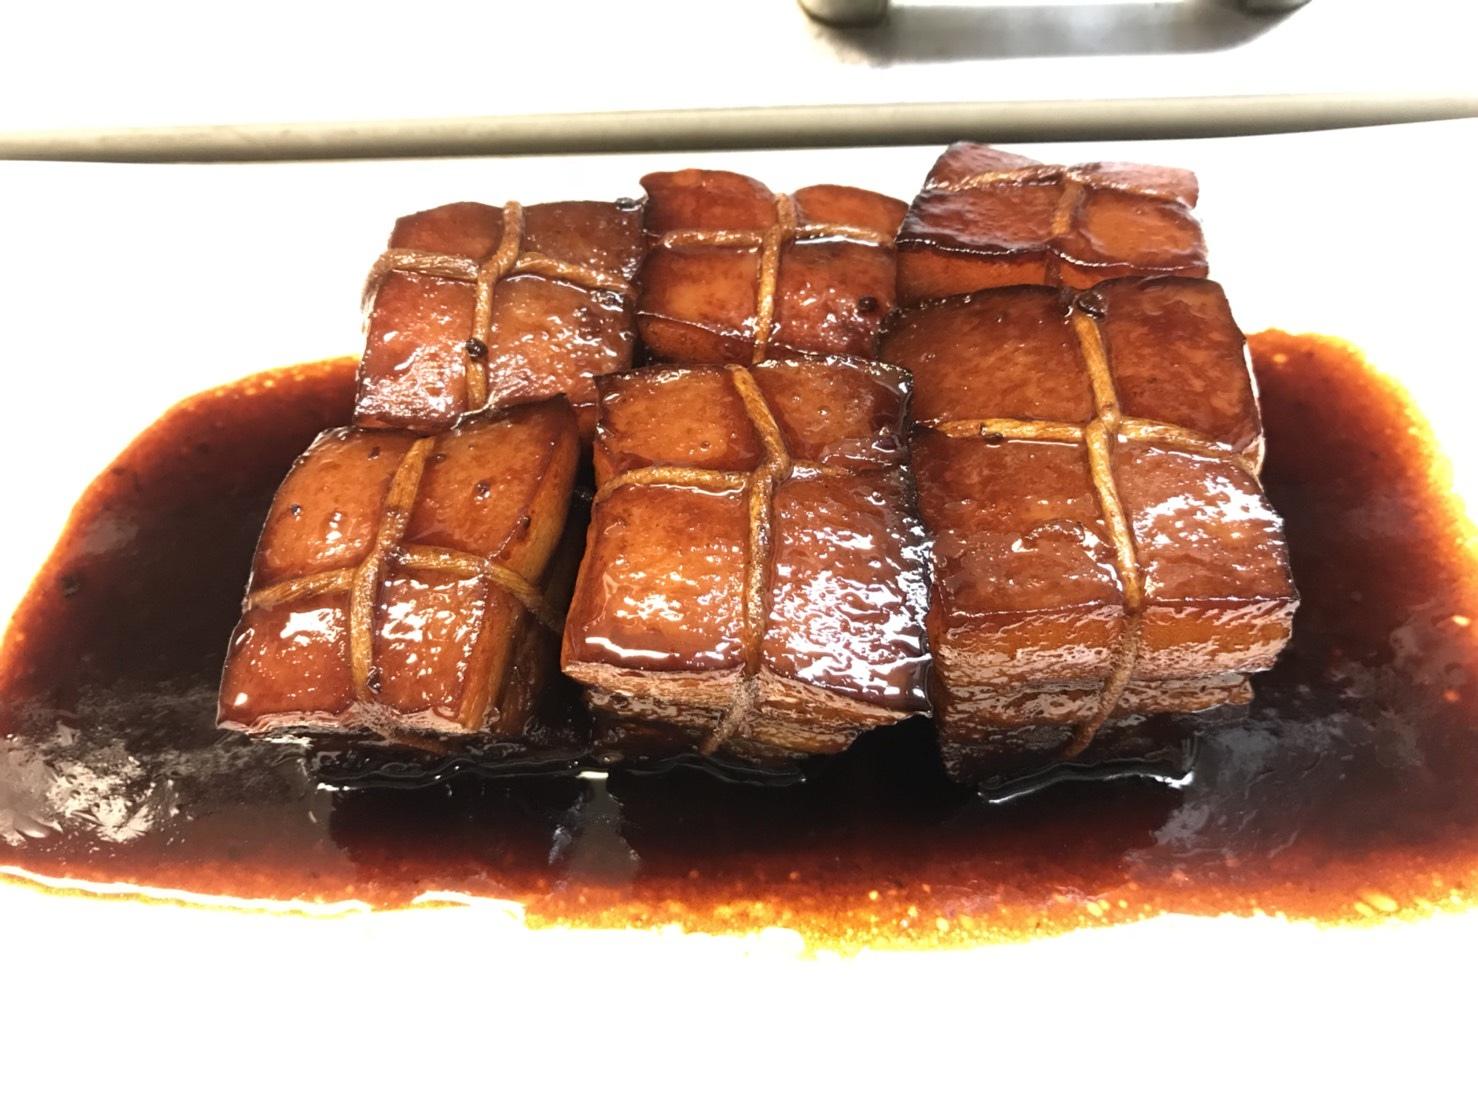 東坡肉 วันนี้เรามาทำสามชั้นต้มซีอิ้วแบบจีนกันครับ